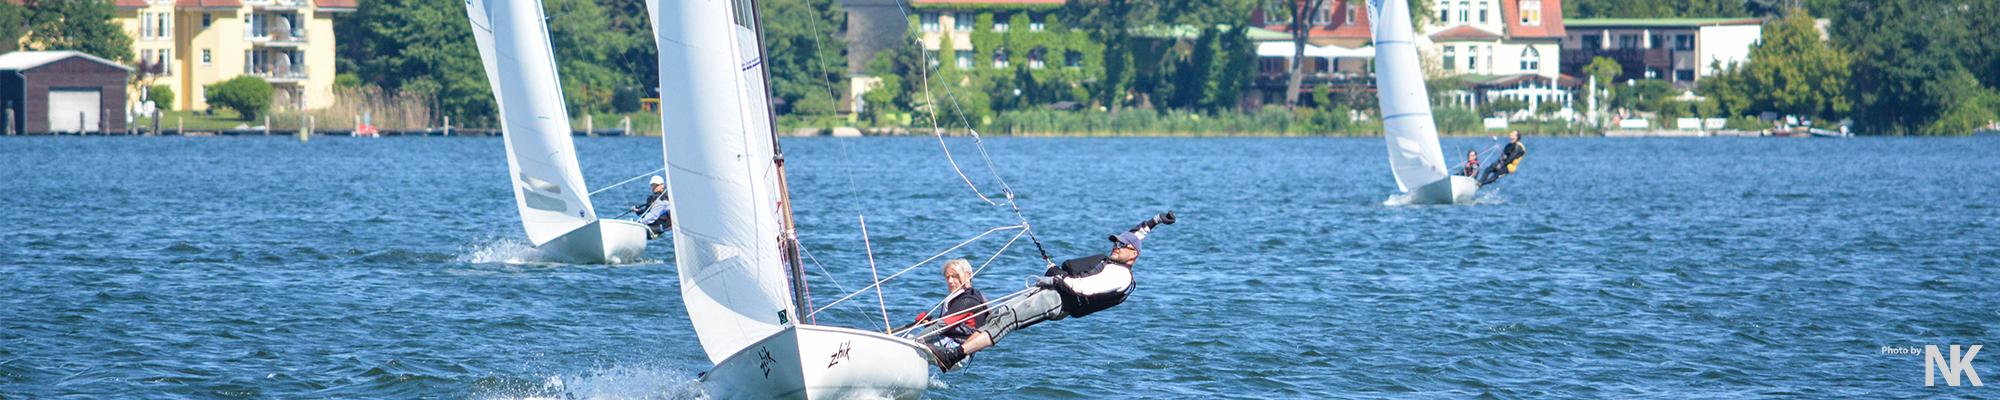 Mehrere Flying Dutchmans (FD) auf Am-Wind-Kurs im Trapez